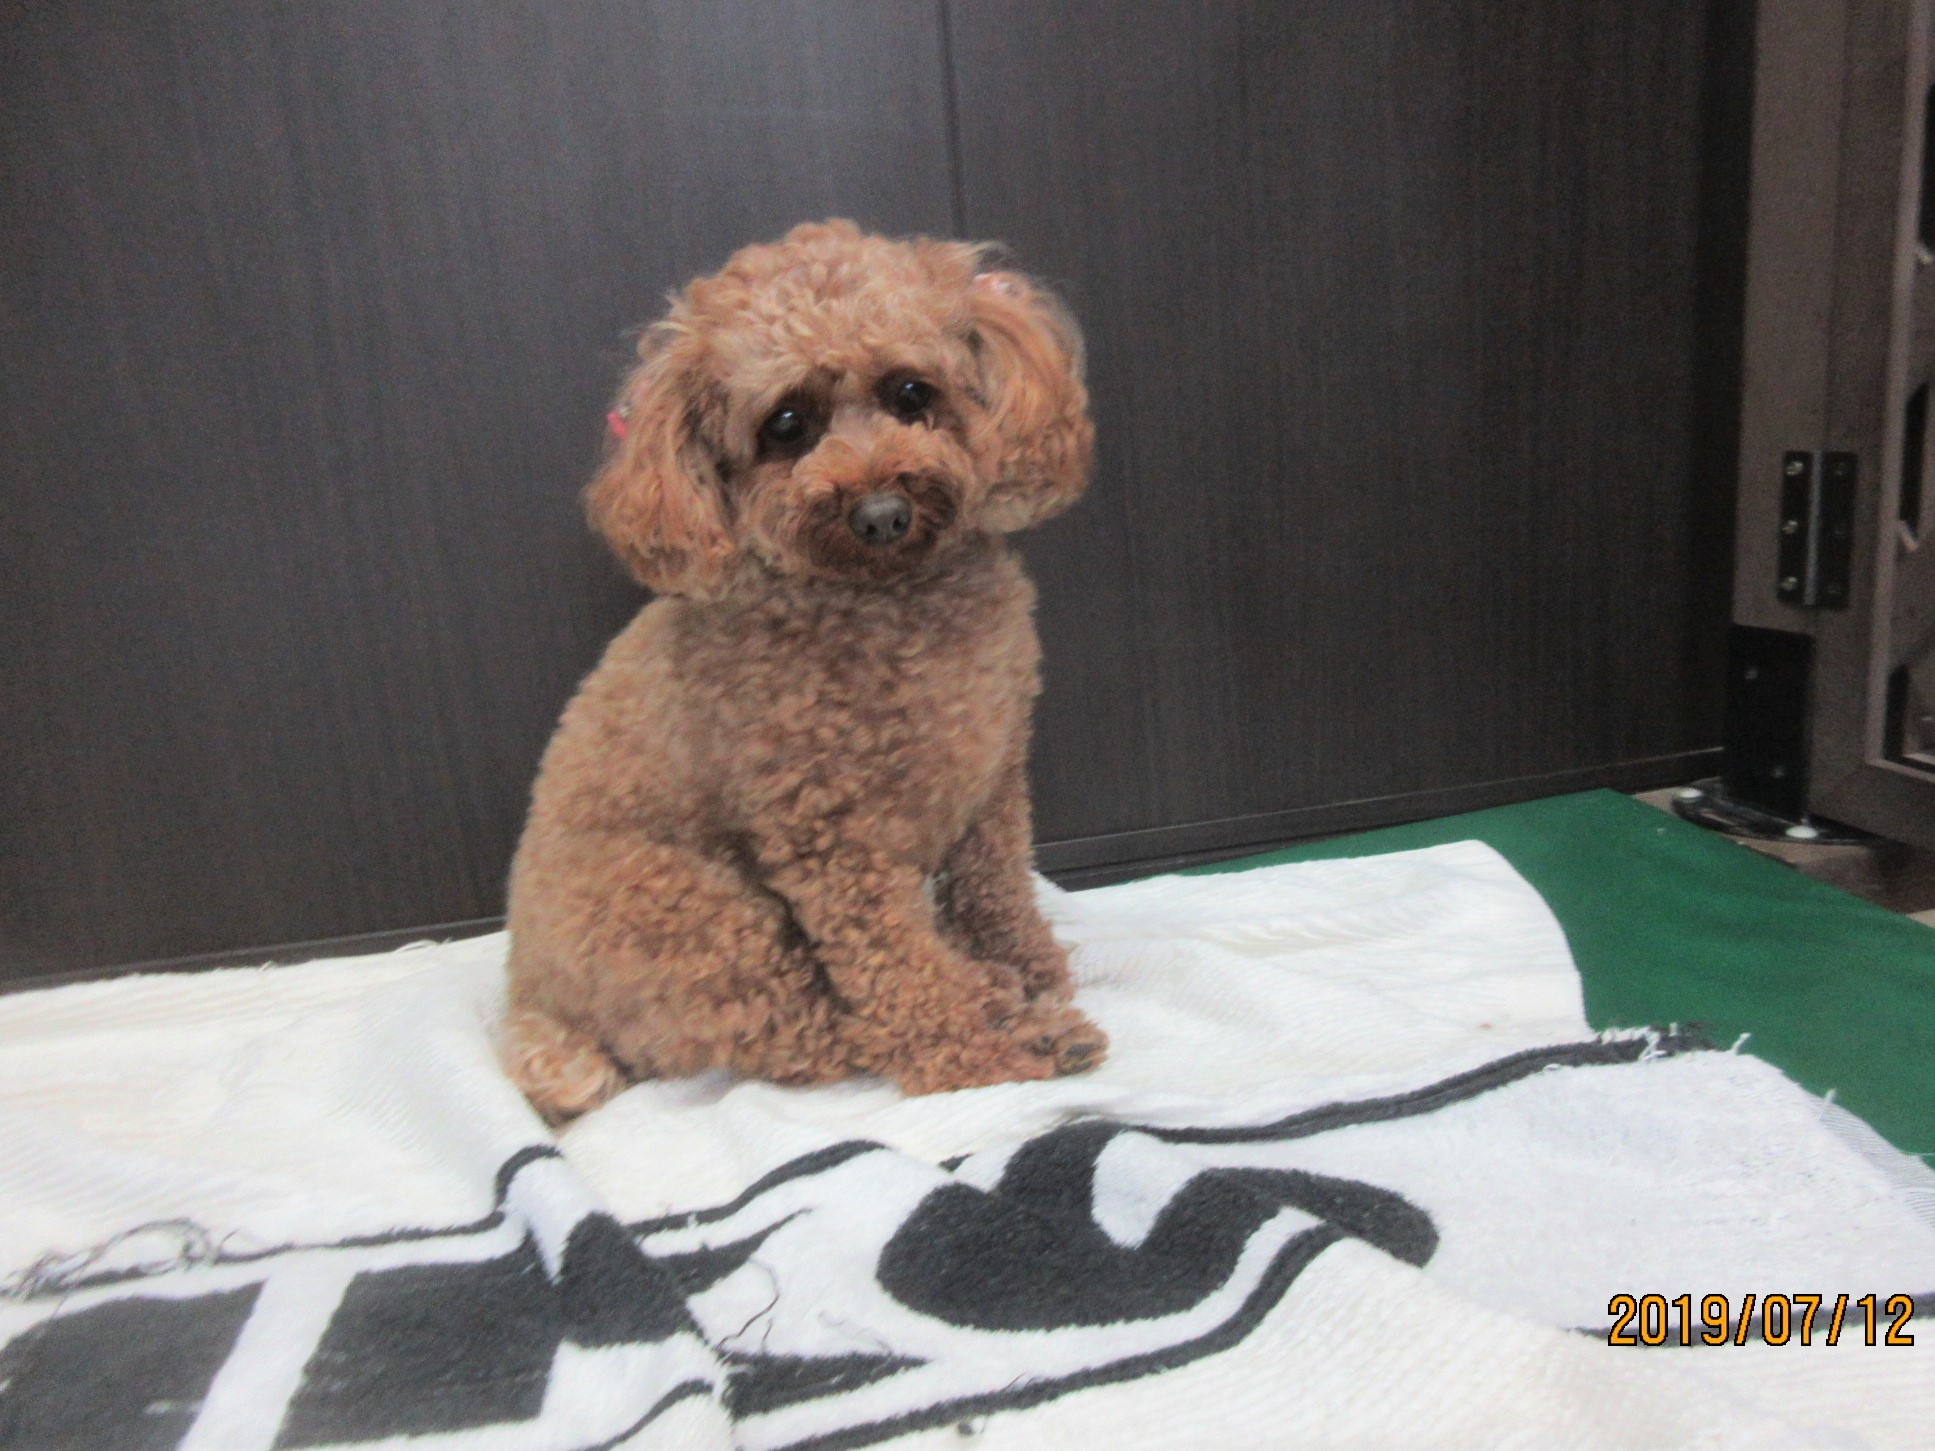 モモちゃん・犬の保育園Baby・犬・犬のしつけ・犬の社会化